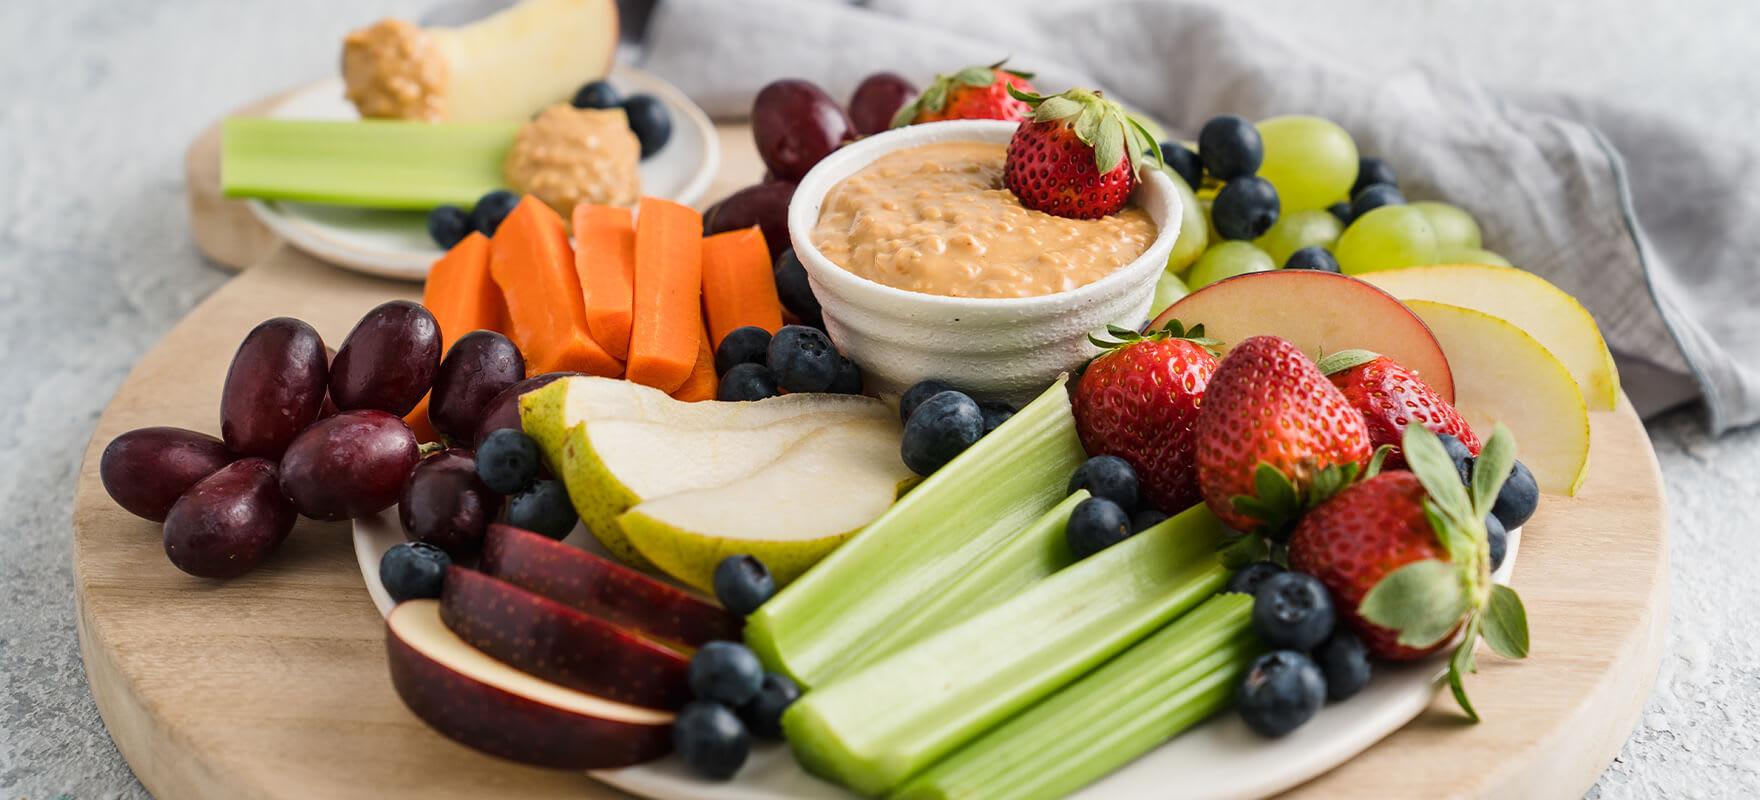 Peanut butter fruit & veggie platter image 1